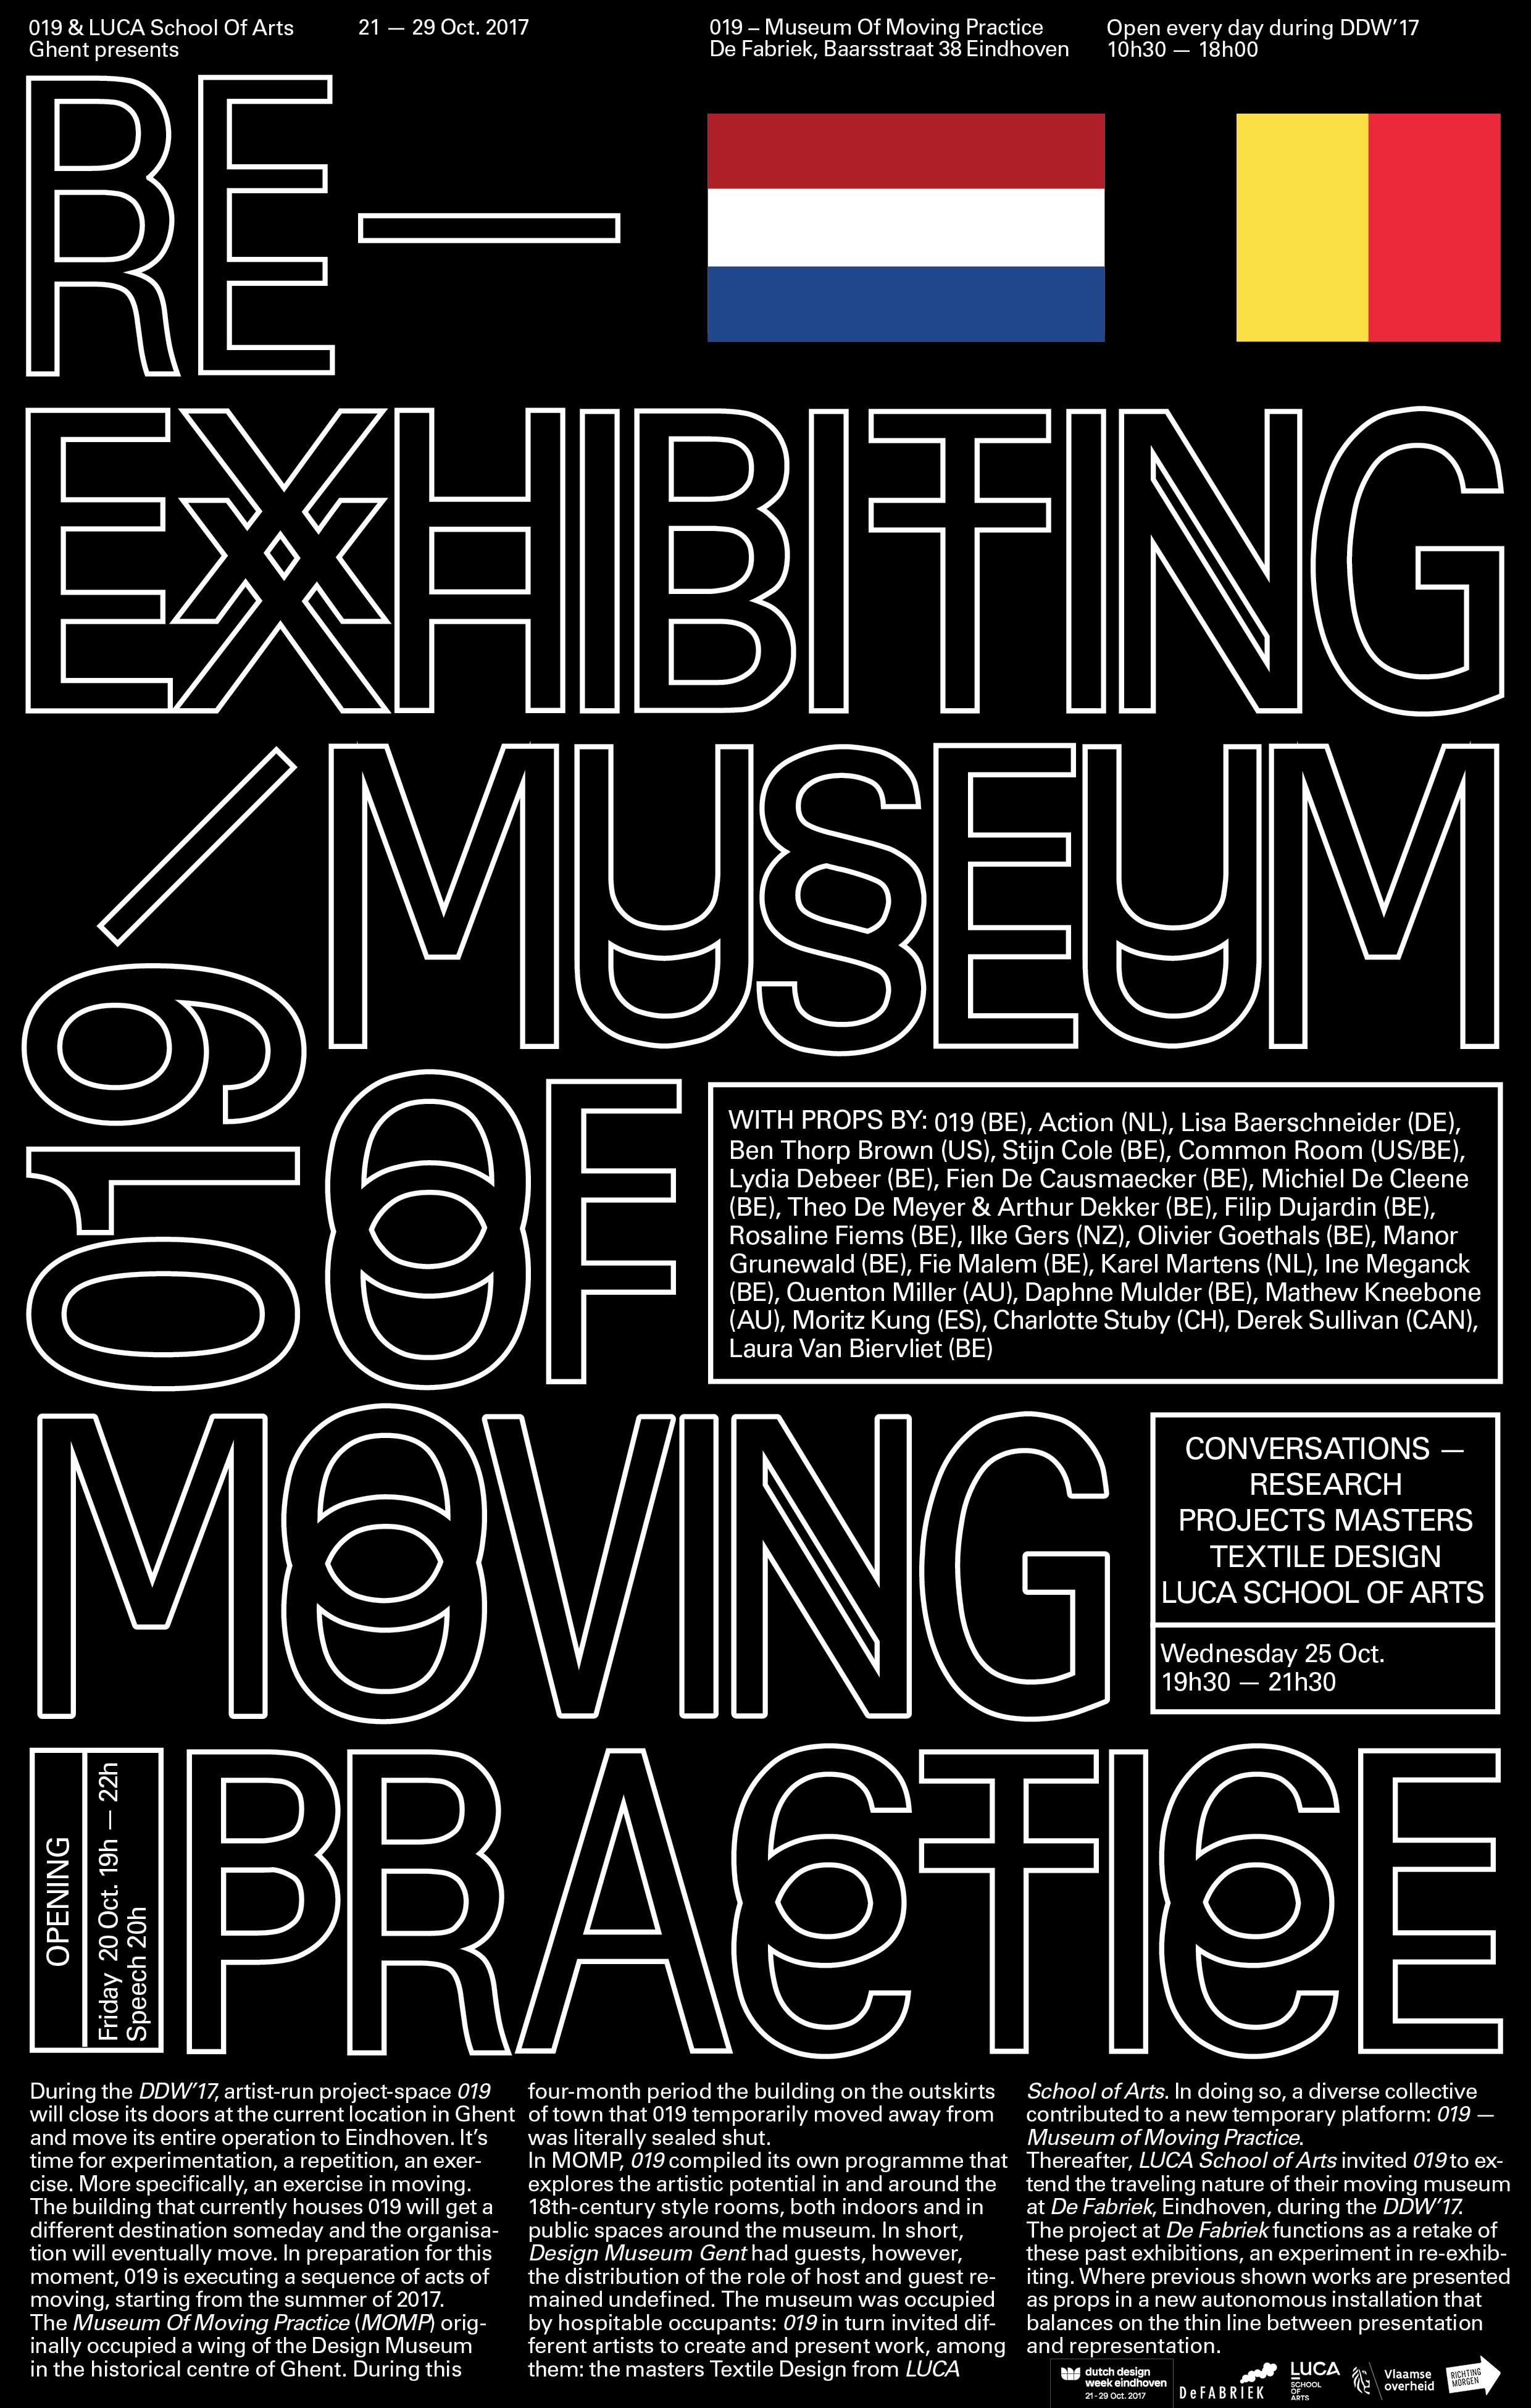 RE-EXHIBITING MUSEUM OF MOVING PRACTICE - Dutch Design Week - De Fabriek (NL)   21/10/2017-29/10/2017